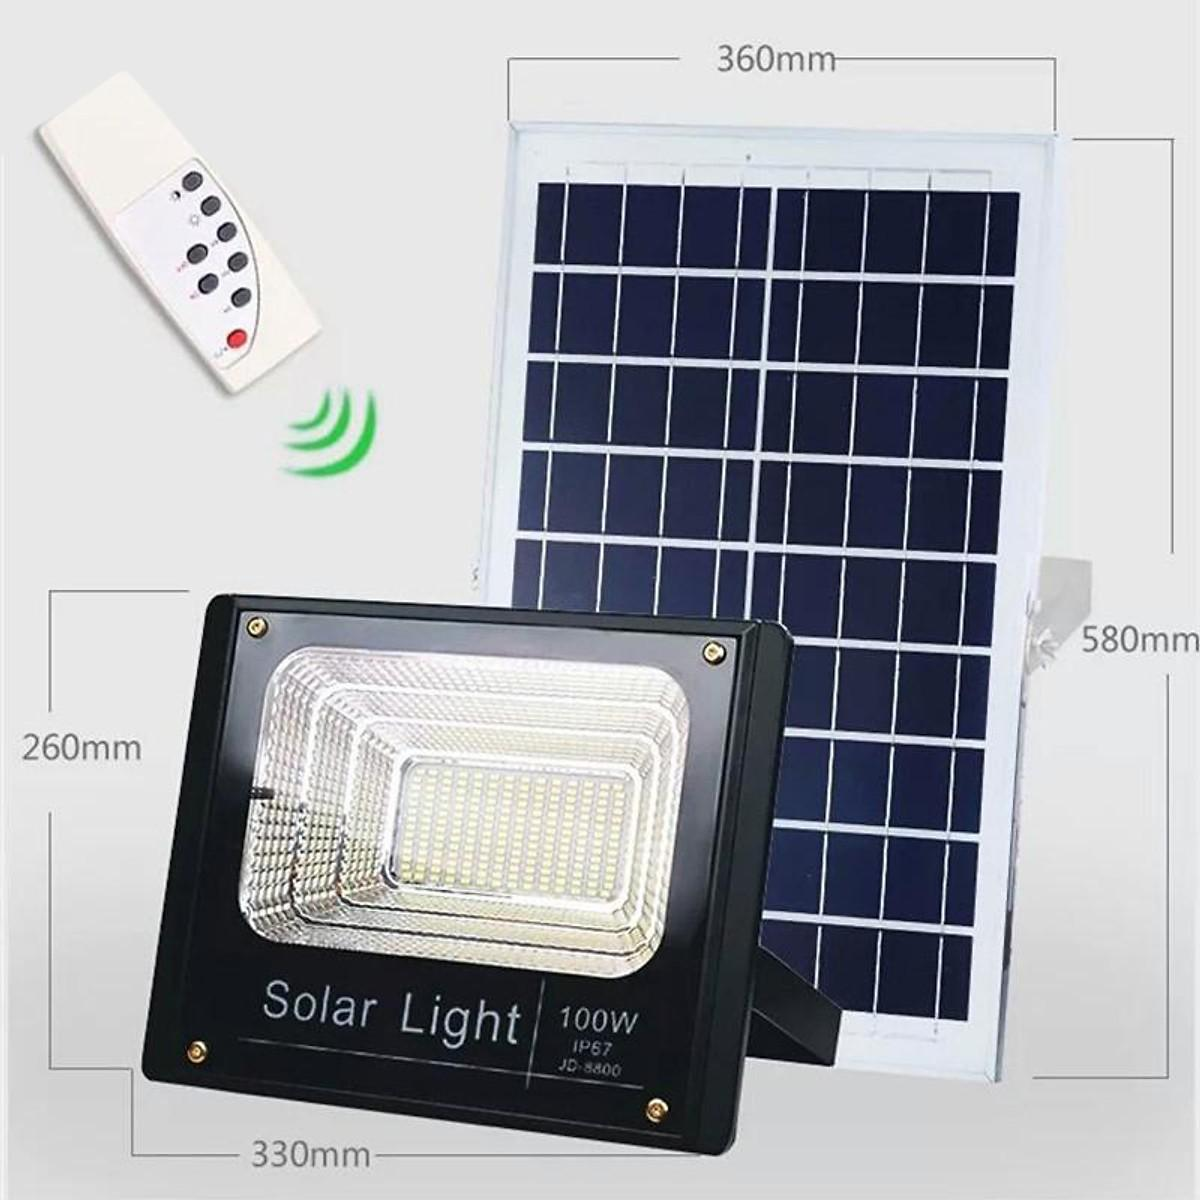 Đèn LED pha năng lượng mặt trời JD 8800 - 100W